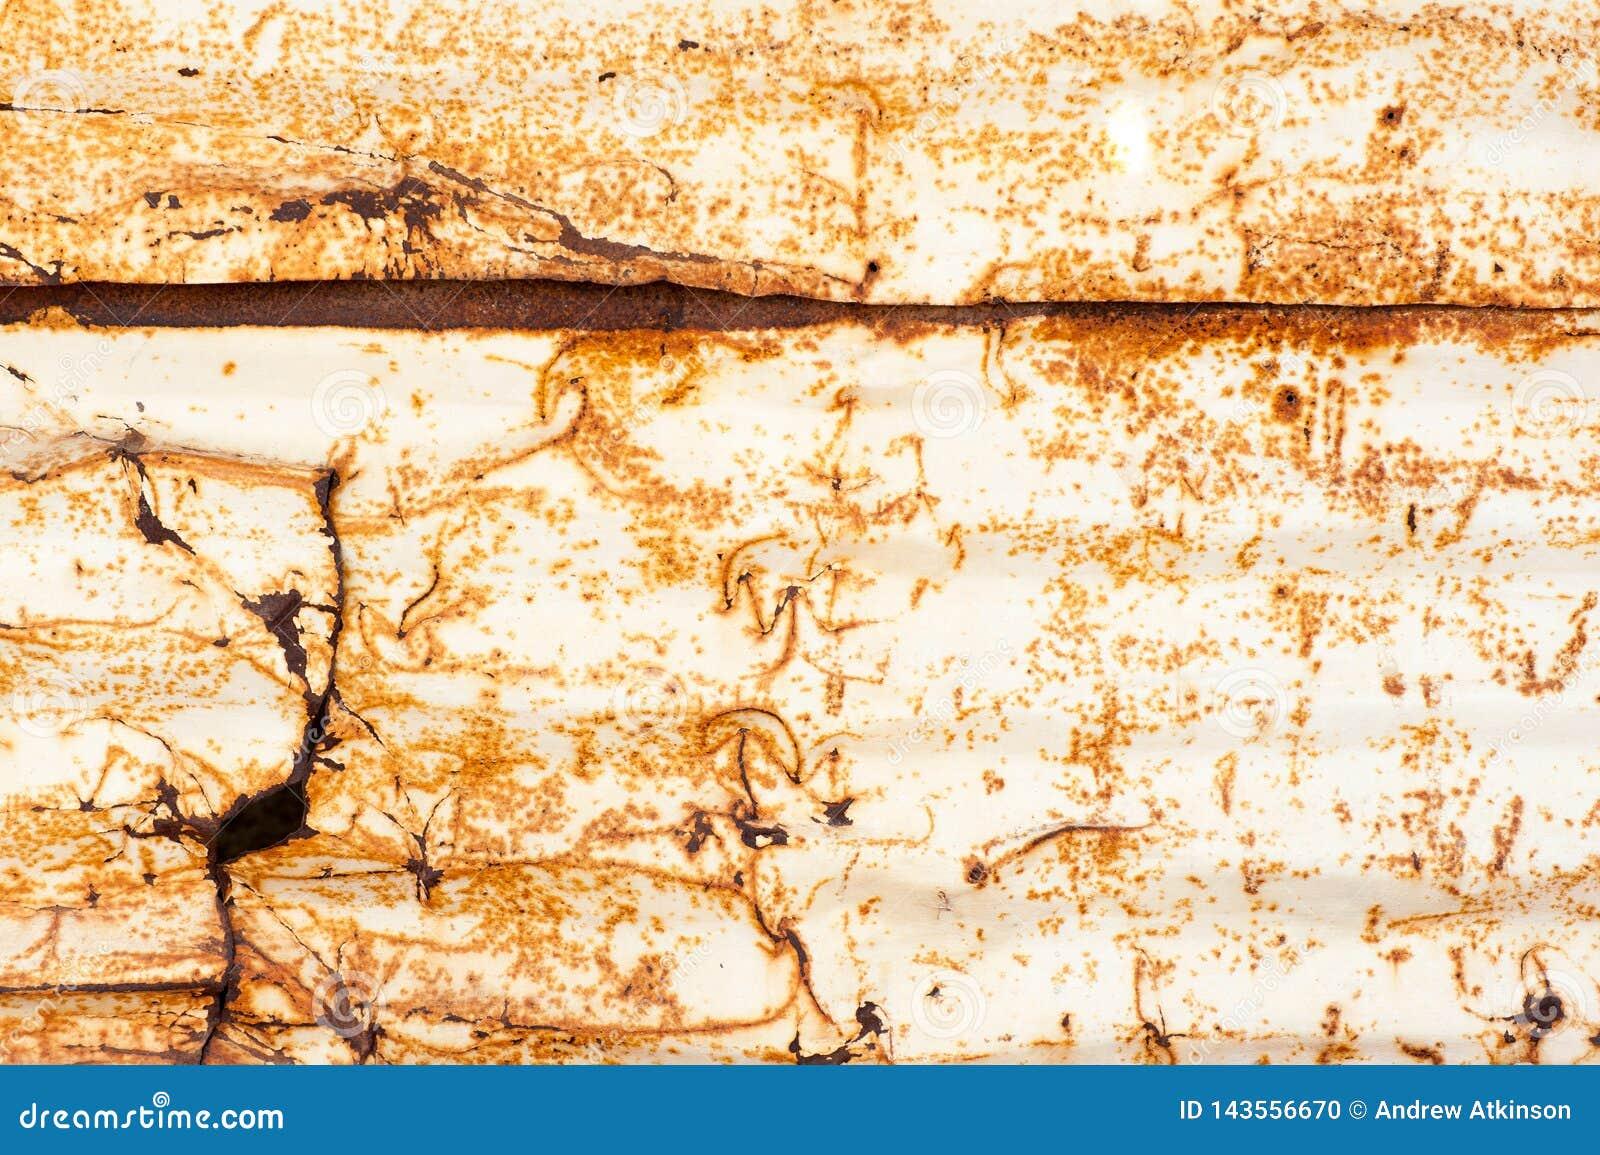 Ośniedziała metal praca z dziurami i rdza tworzy wzory i tekstury